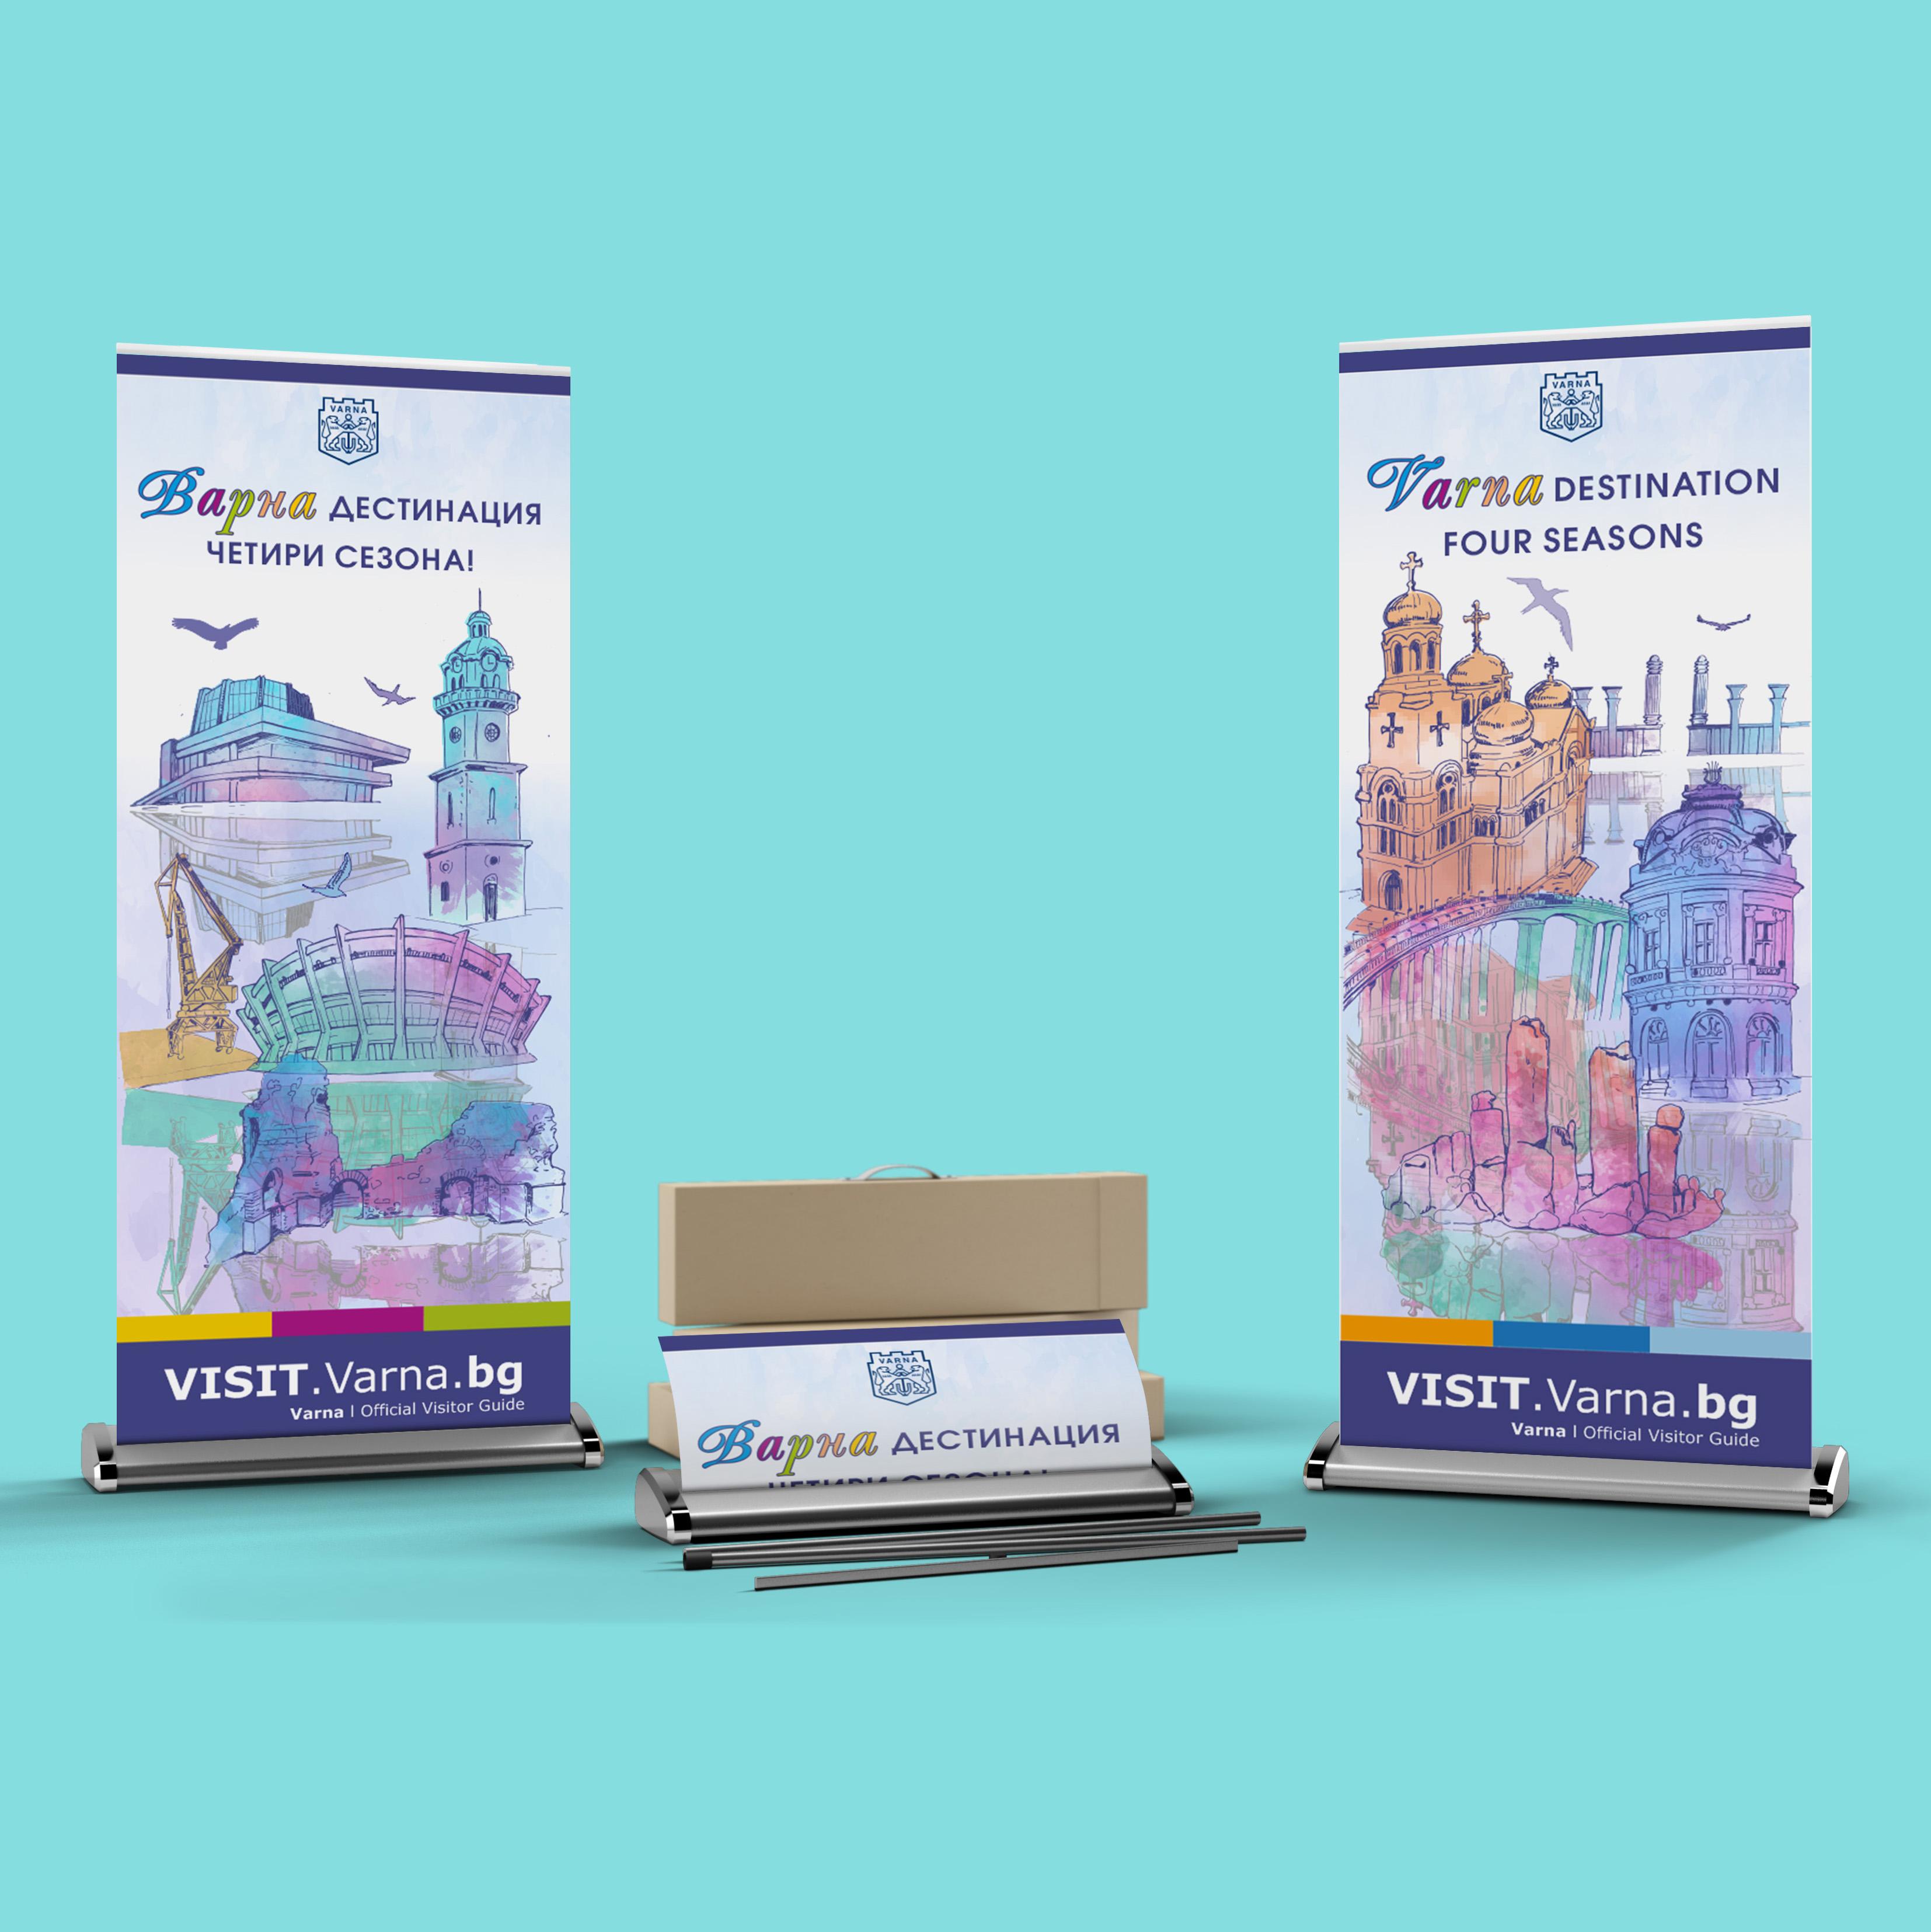 Рекламна агенция Варна ролл банер